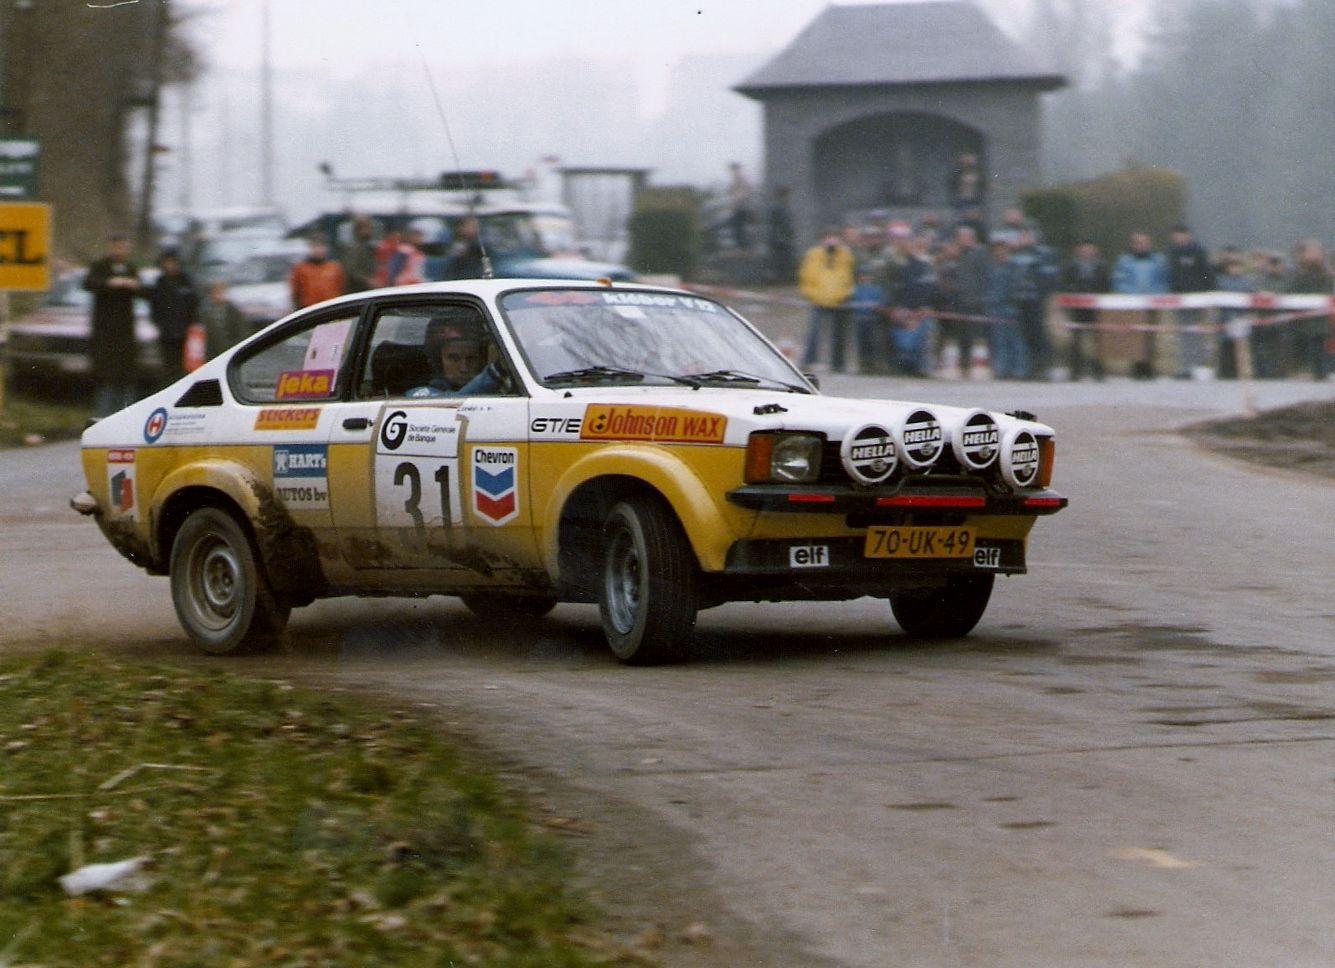 Joop kuipers ernst hoogkamer 1980 opel kadett c gte groep2 rally car olympiasearchvintageracingsport